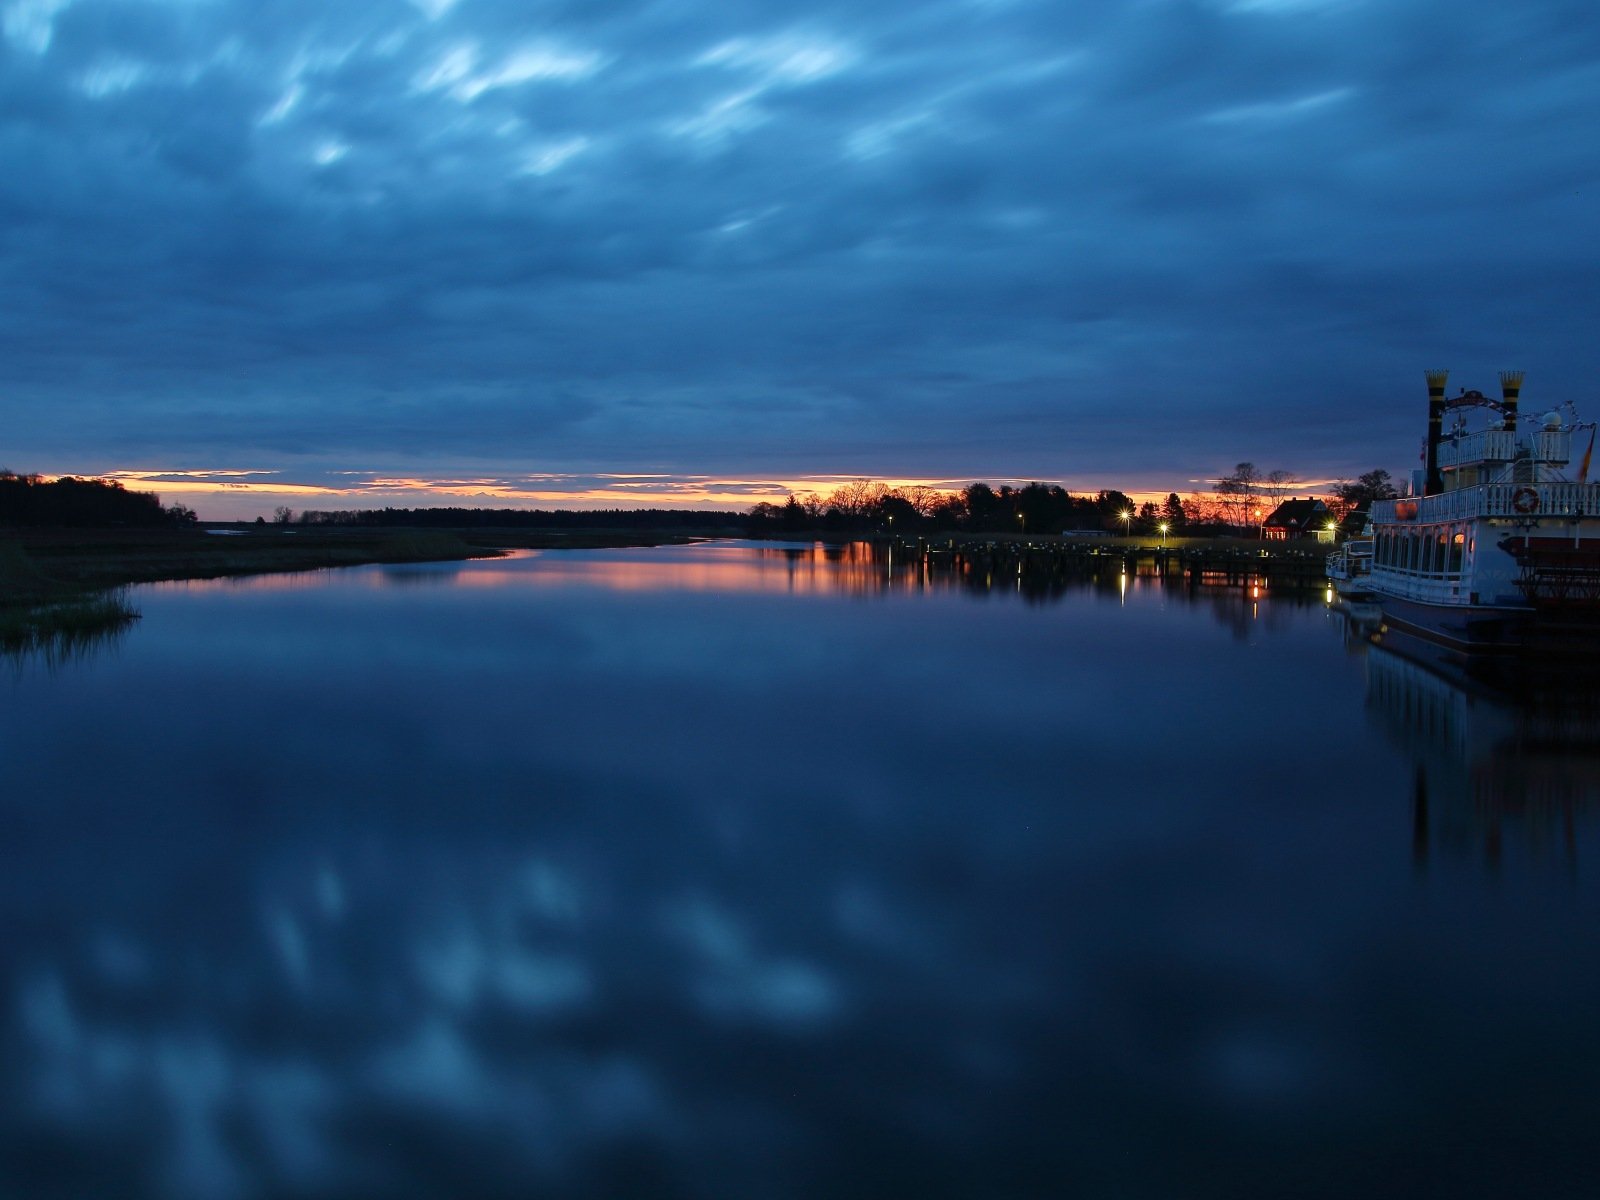 Landschaften in der Blauen Stunde